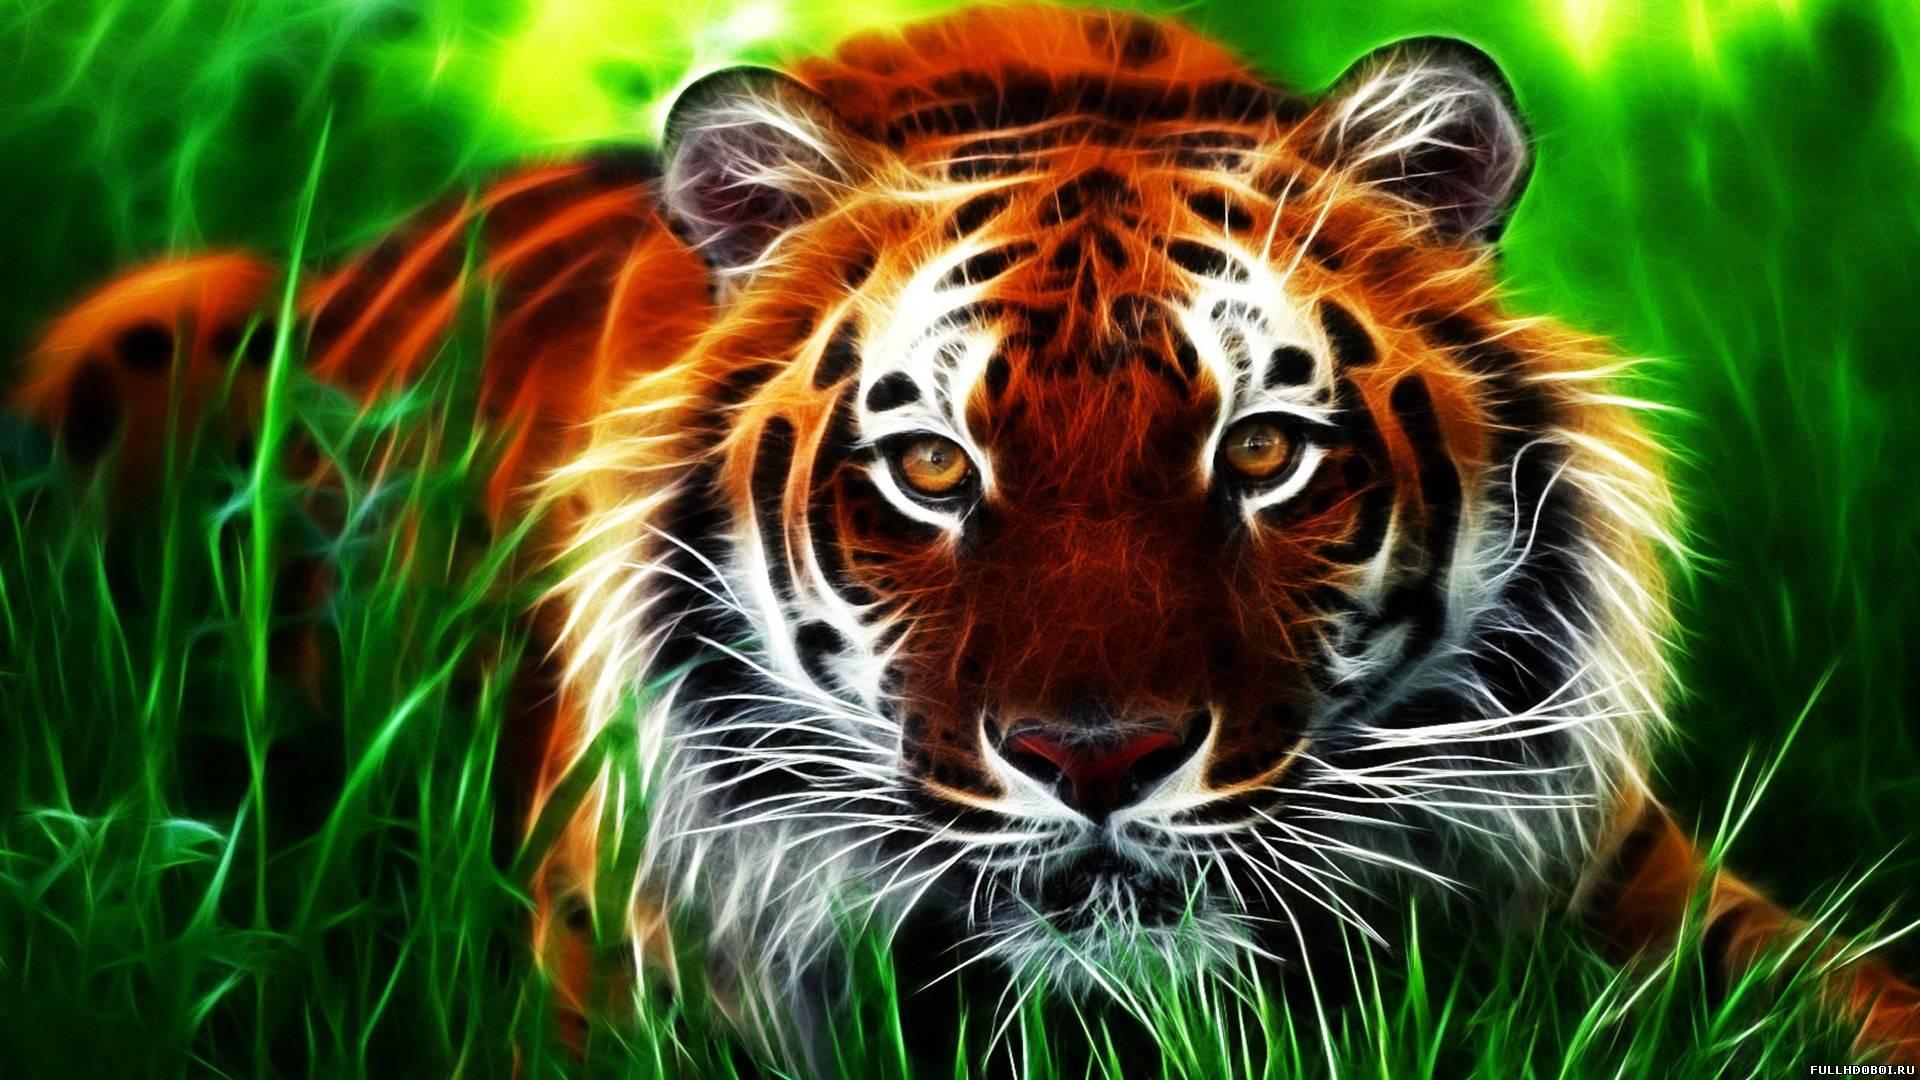 Обои Тигр / обои тигры, картинки - Обои ...: www.fullhdoboi.ru/photo/animals/tigr_oboi_tigry/3-0-3428